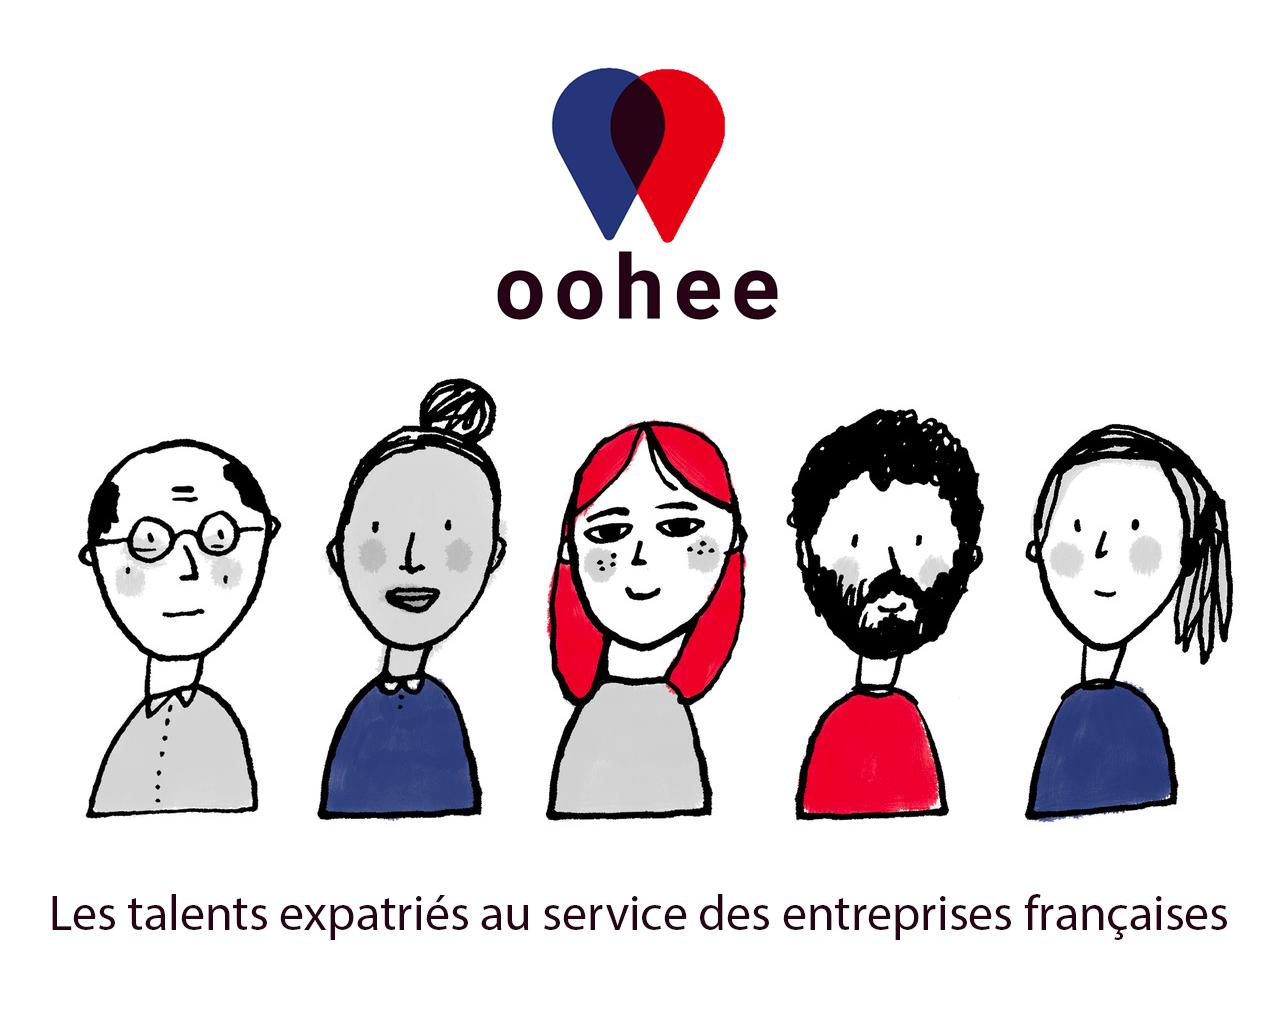 oohee-startup.jpg